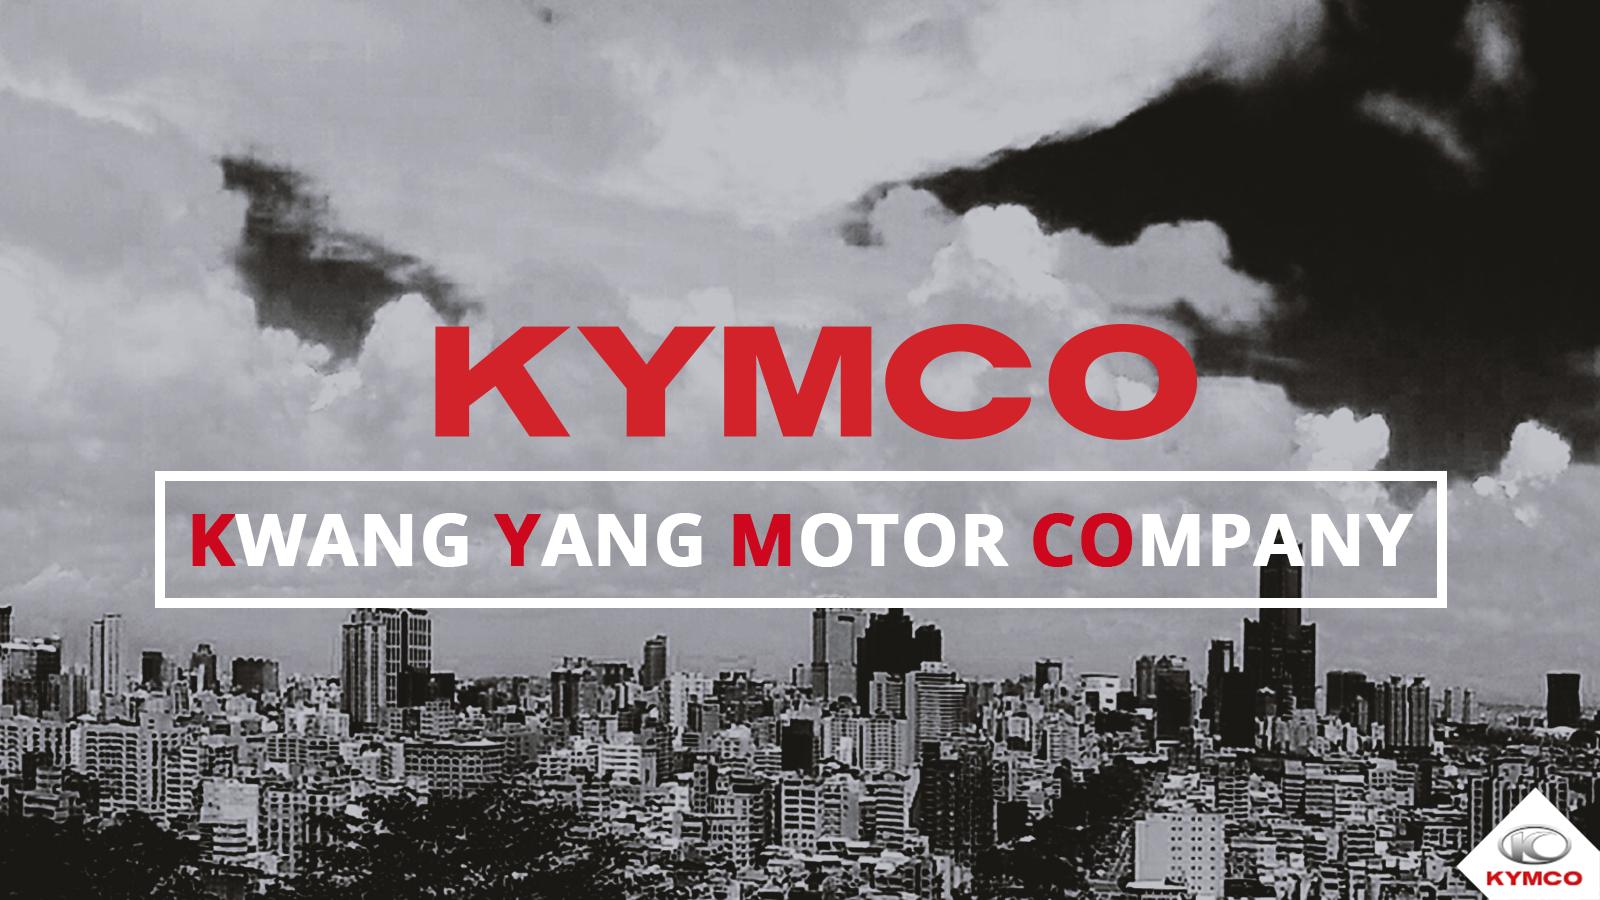 Histoire-kymco-featured